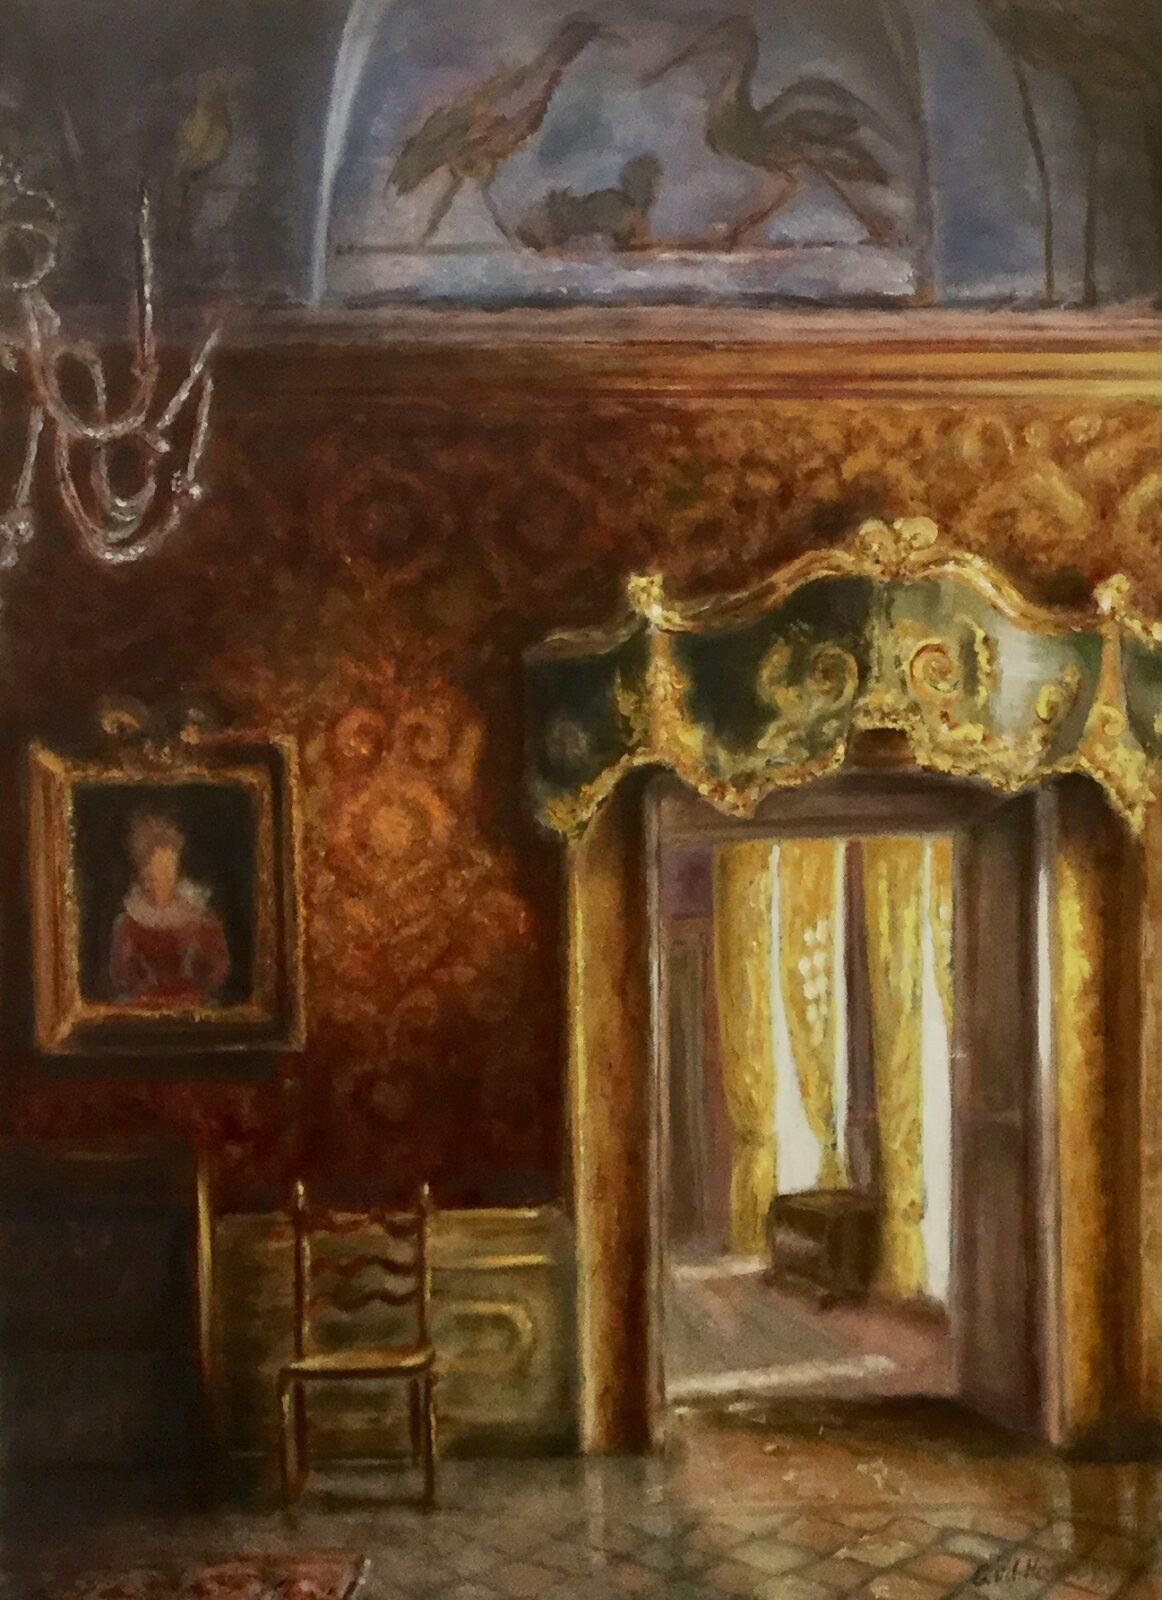 Doorkijkje in palazzo, Venetië , olieverf op paneel, 55x75cm